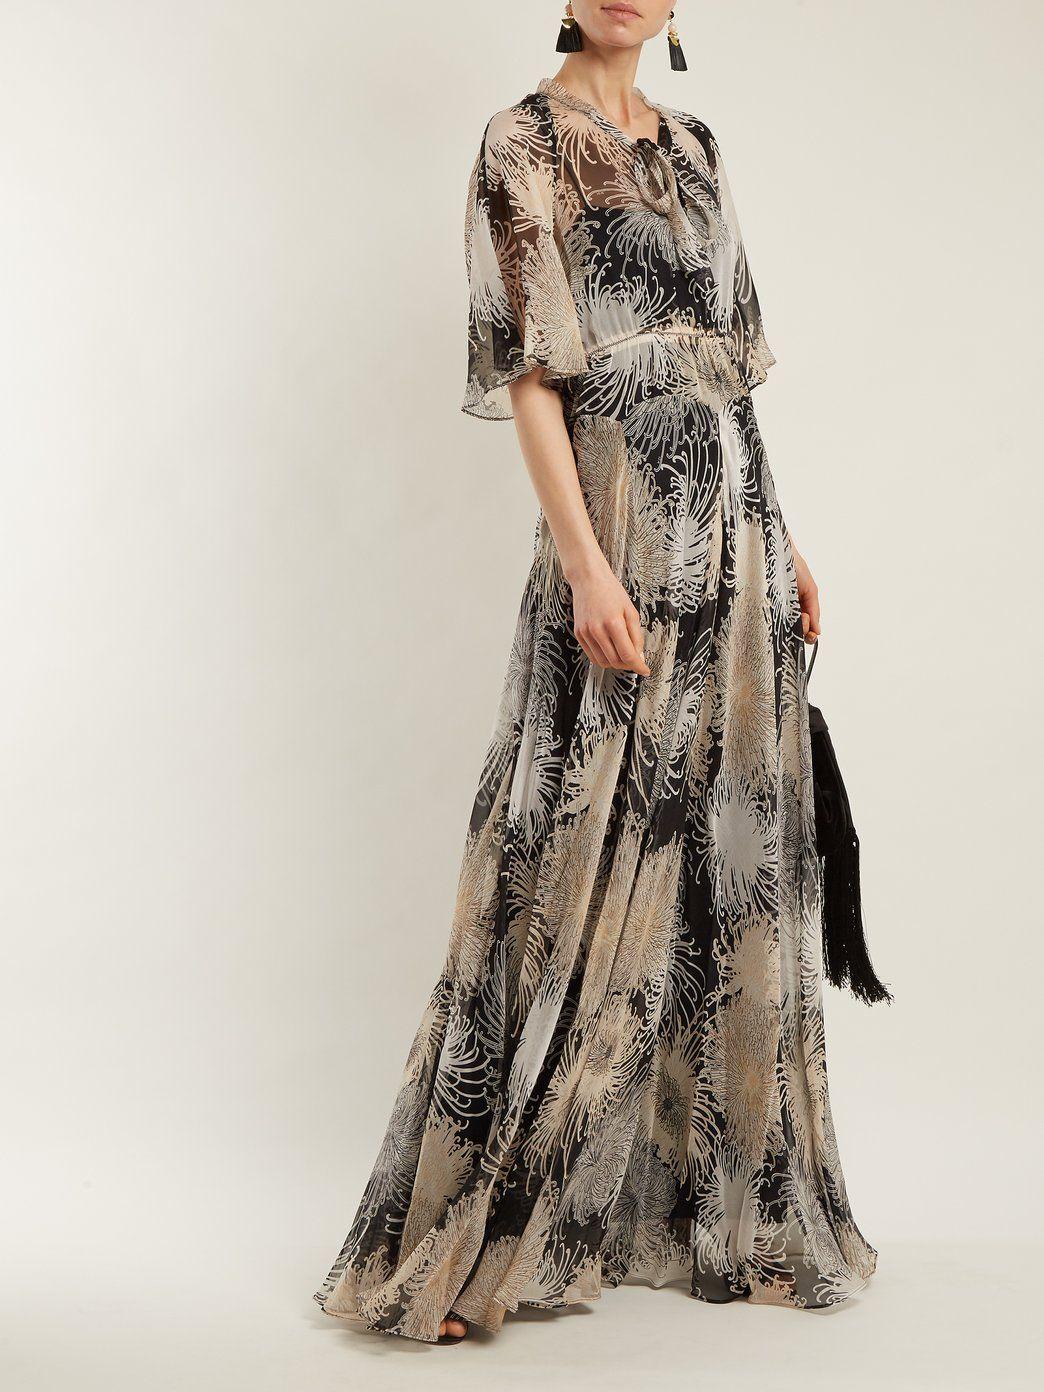 Chrysanthemum-print silk-chiffon maxi dress N°21 2Gbvhn